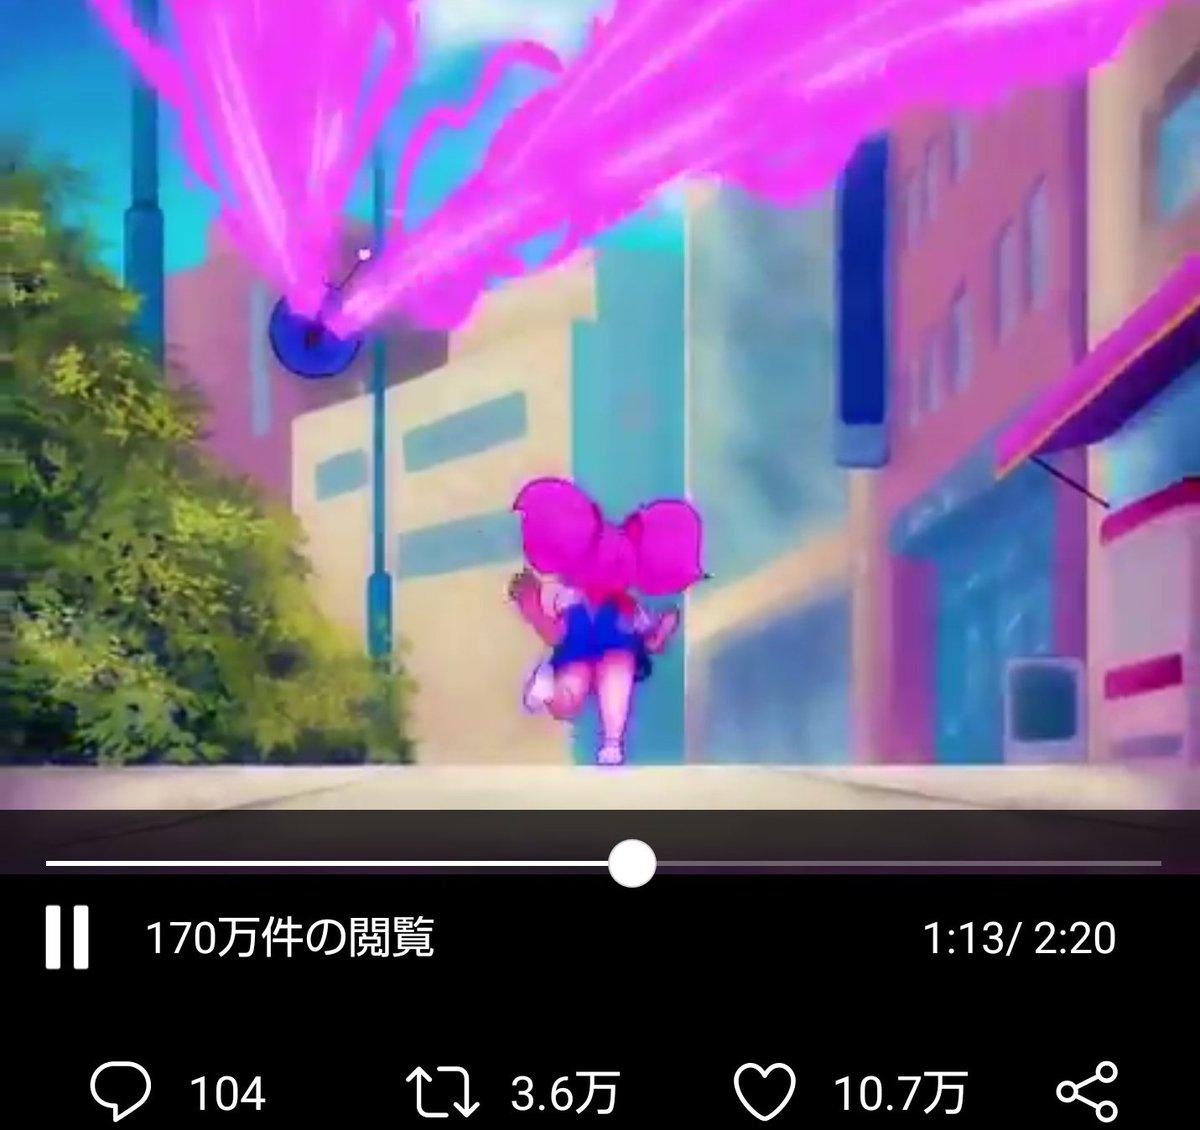 test ツイッターメディア - RT なんだろうこのドクロちゃんが天使の輪っか投げ飛ばされてトイレにダッシュするような走り方は… 目からビームでデ・ジ・キャラットも連想するあたり私はいにしえのオタク… https://t.co/1s0yJKl2Ca